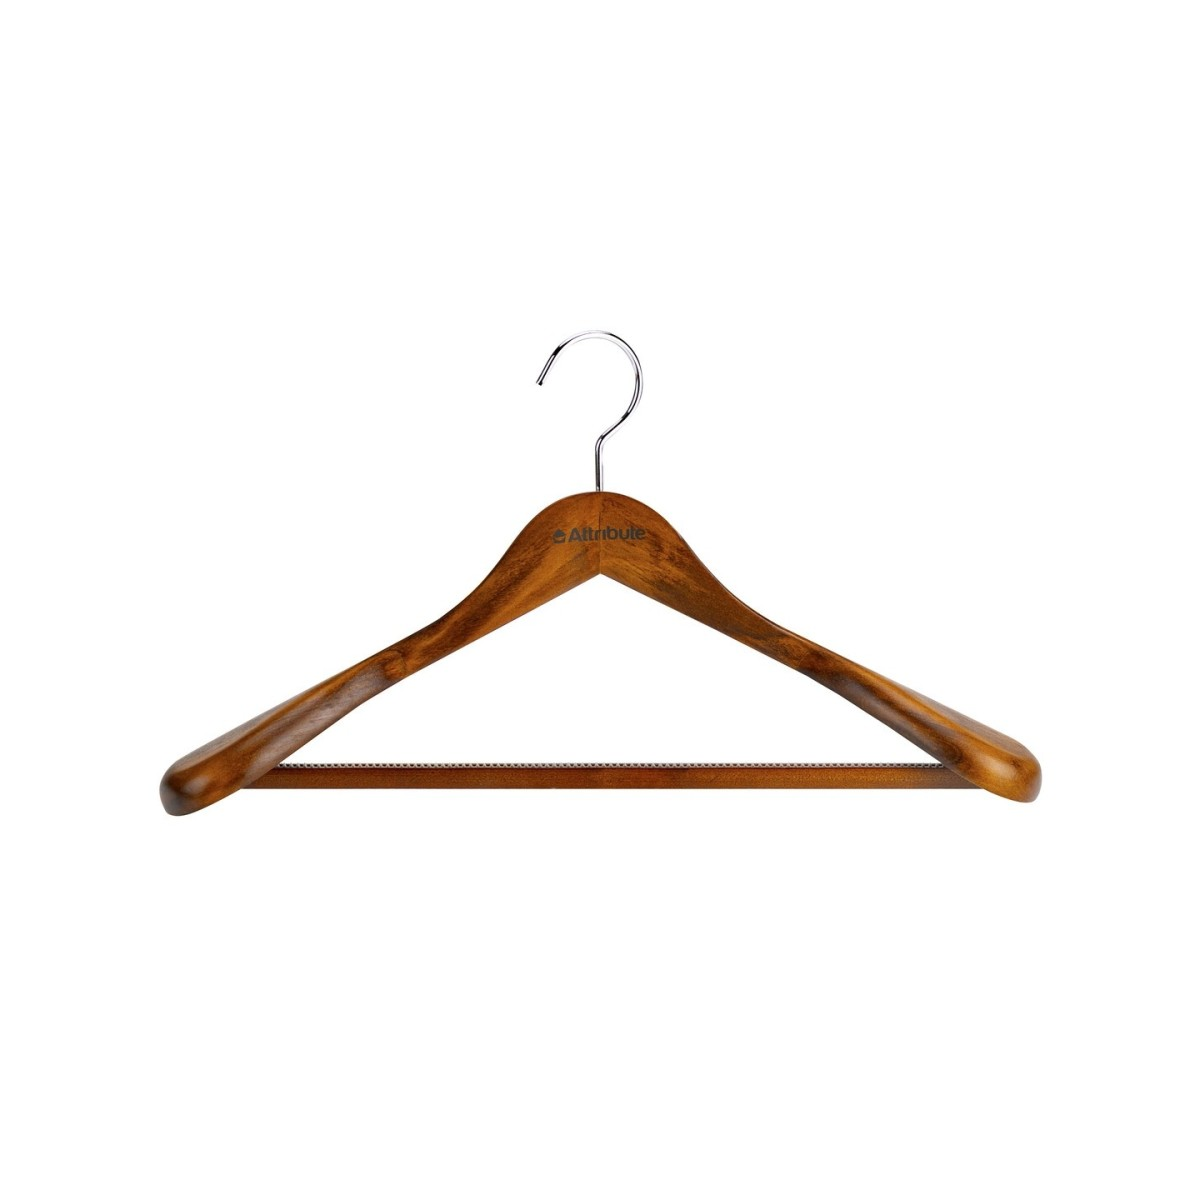 Вешалка для верхней одежды Attribute AHO211